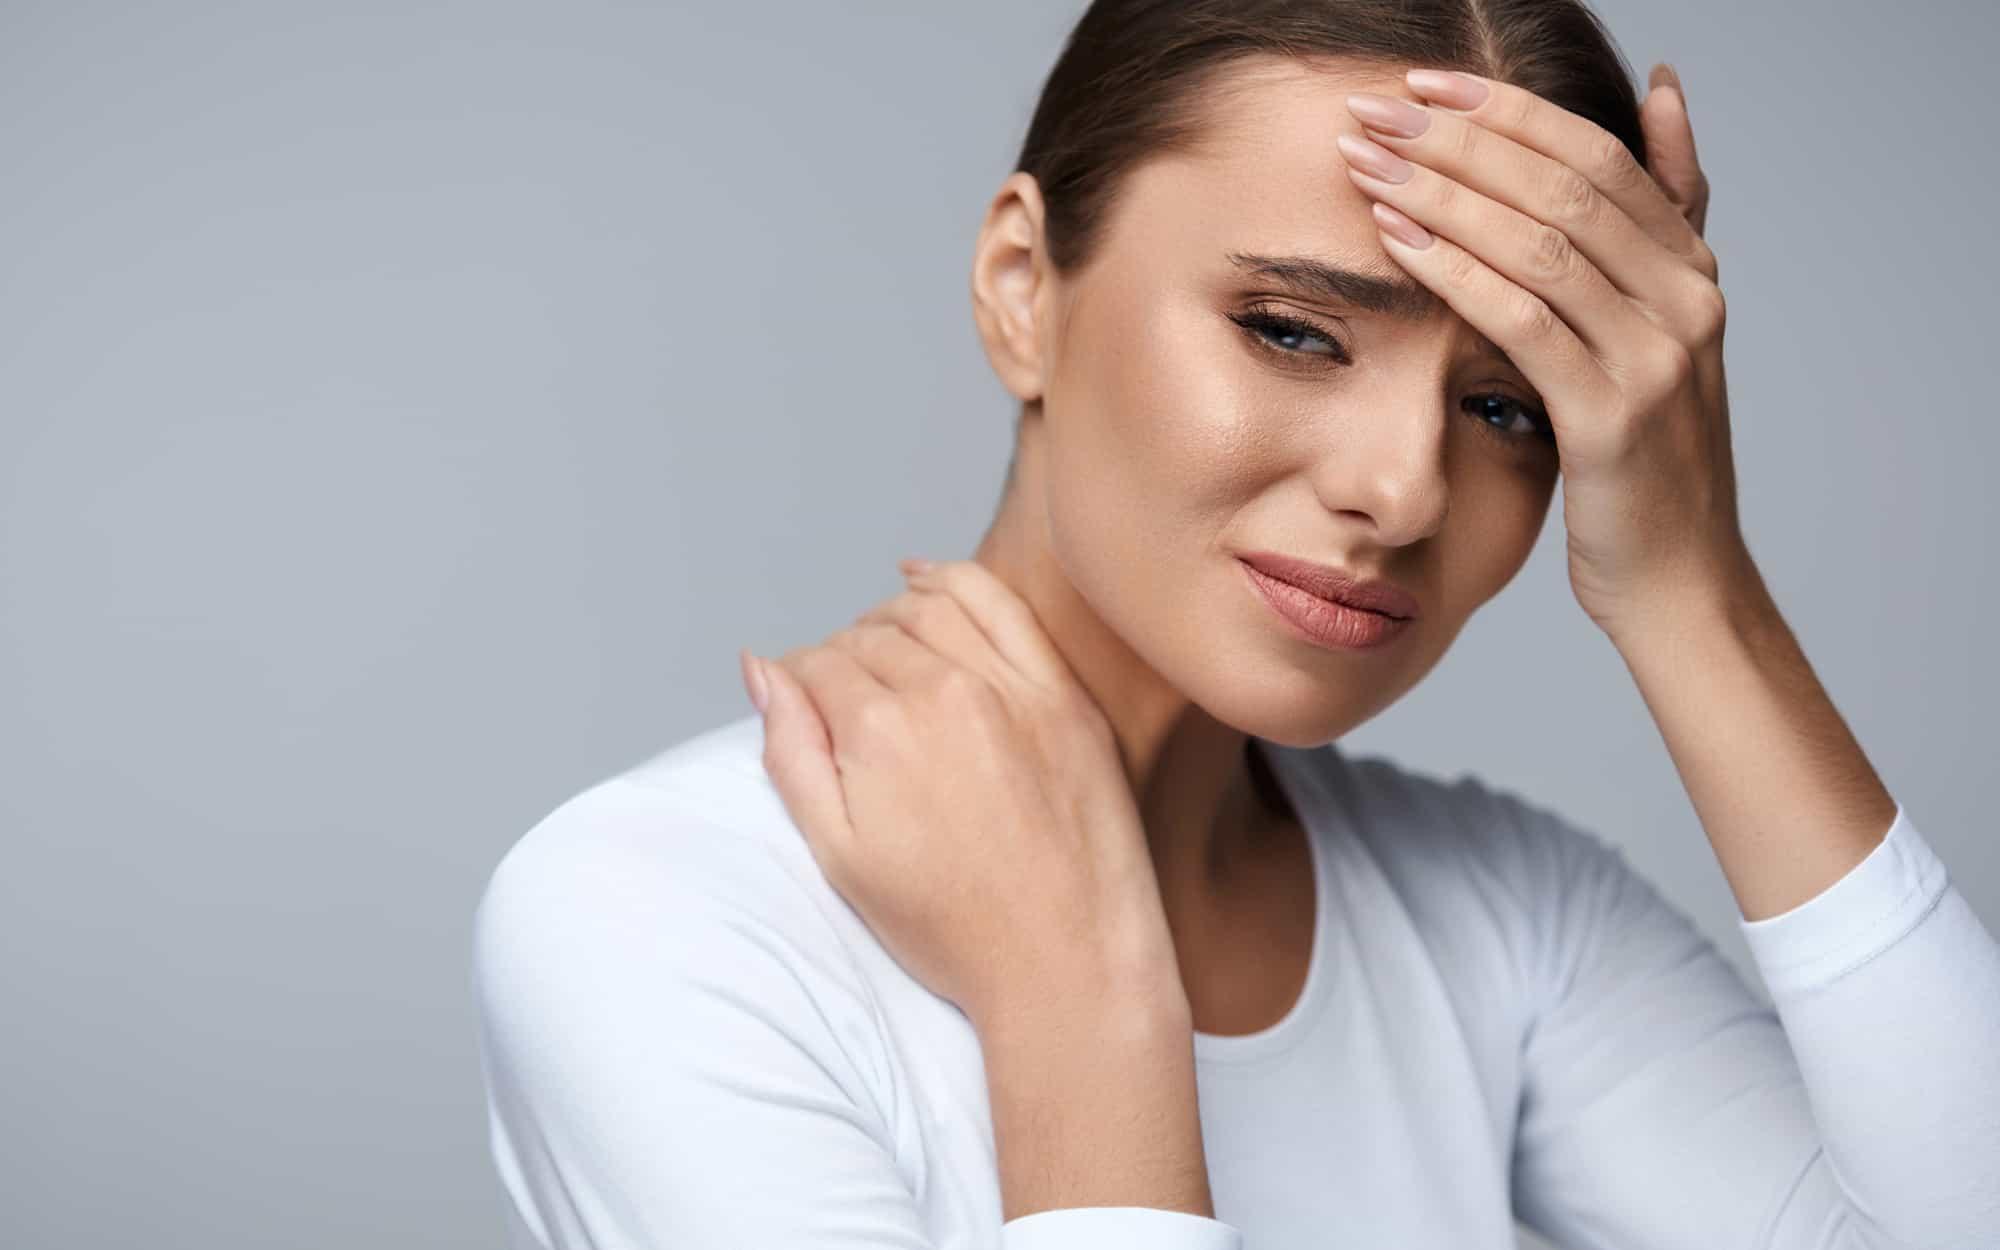 Schmerzen und Fieber